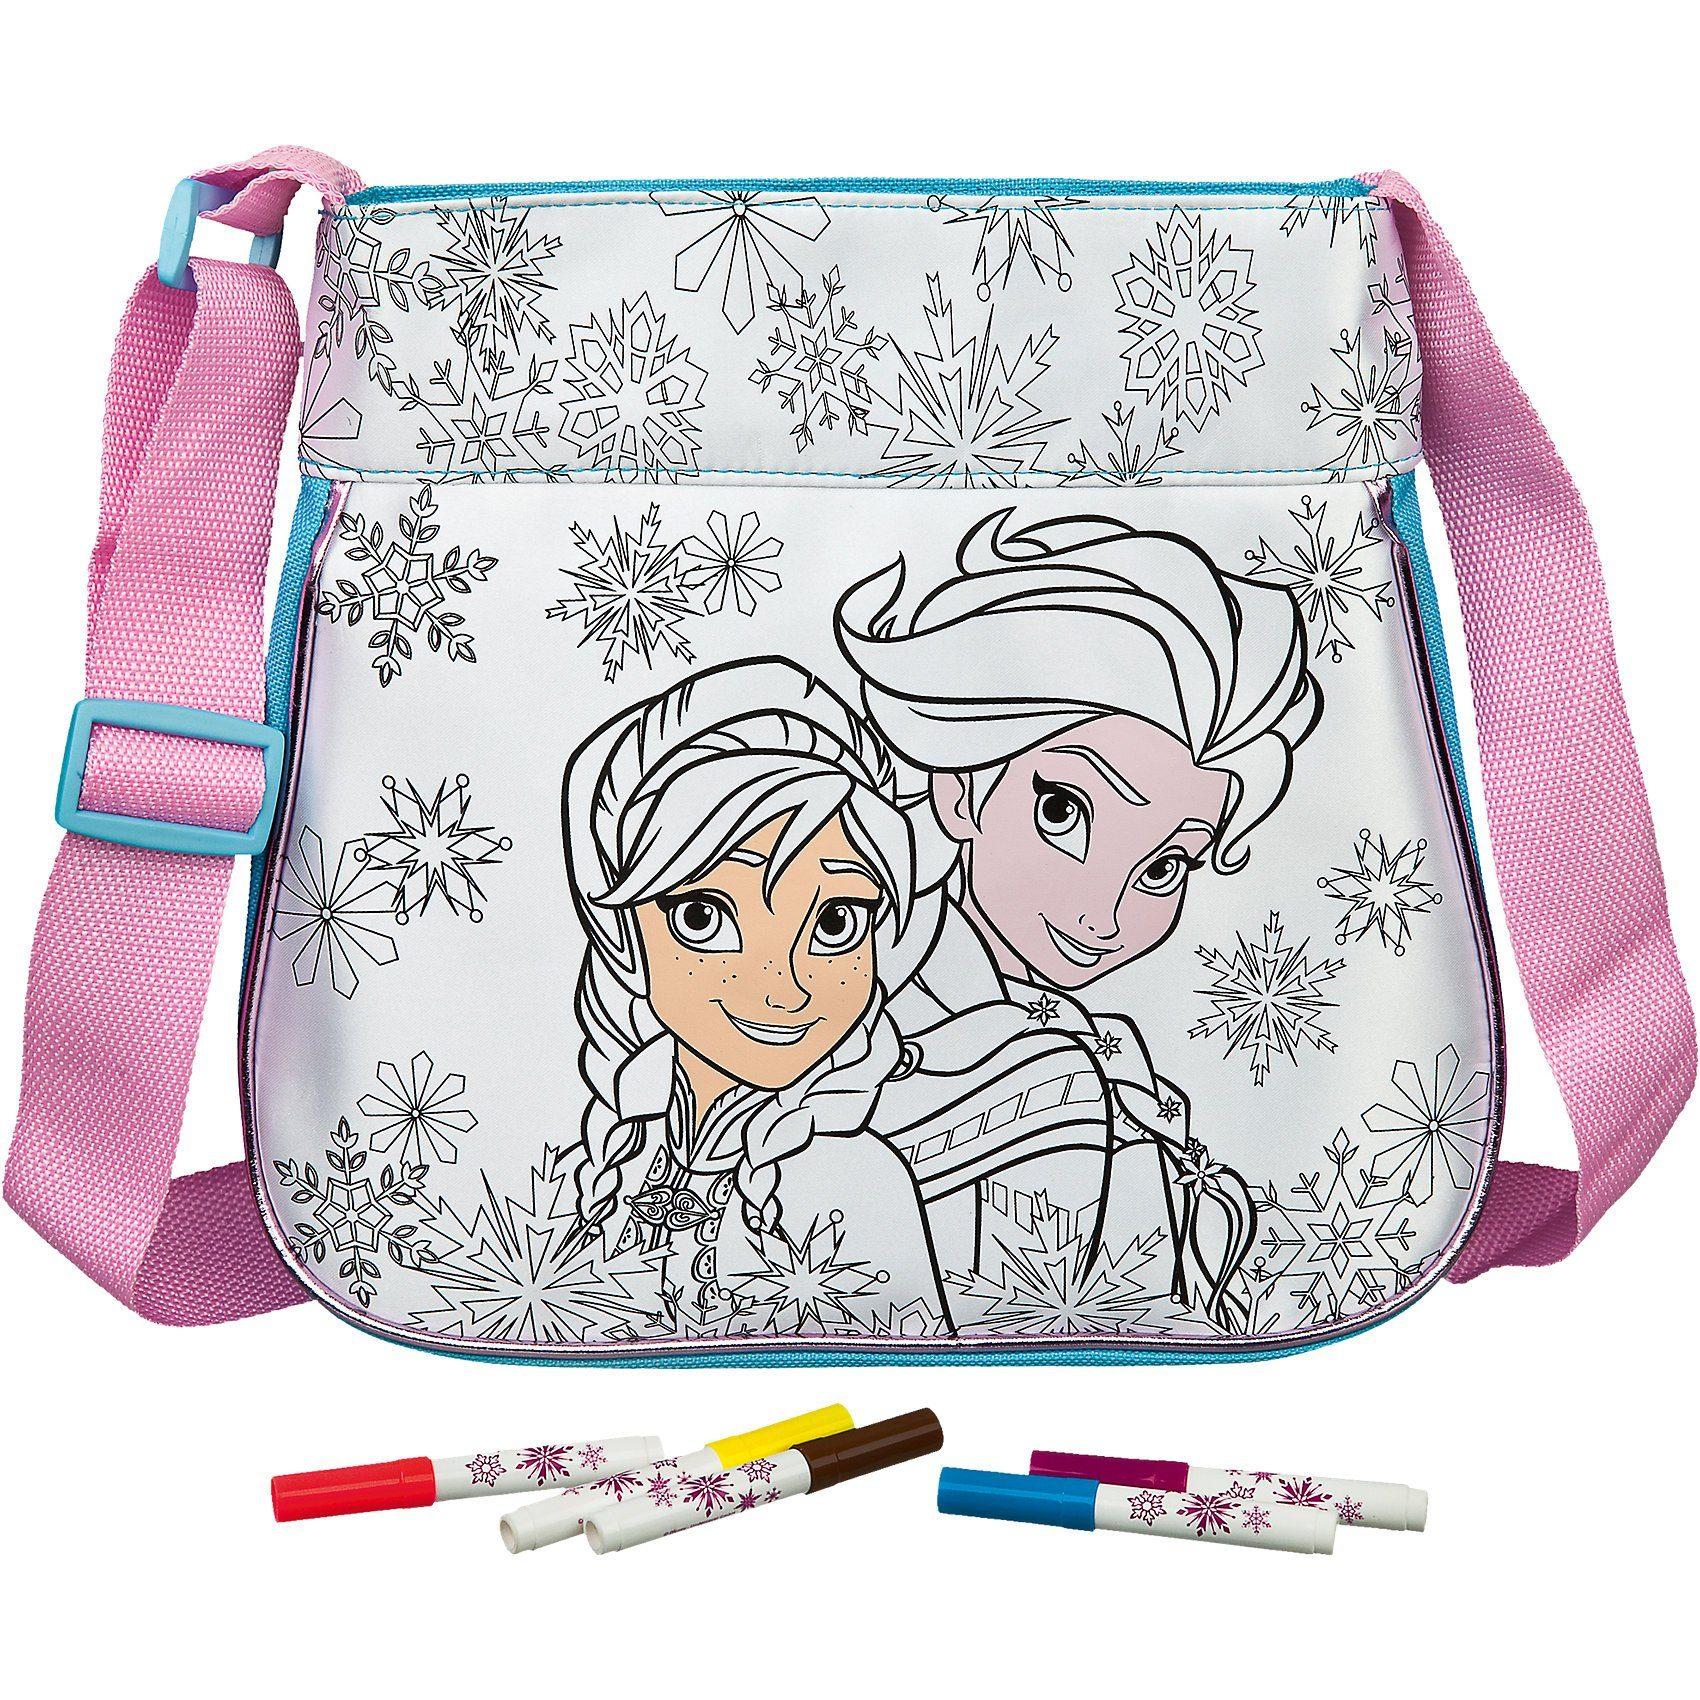 UNDERCOVER Create Your Own Handtasche - Die Eiskönigin